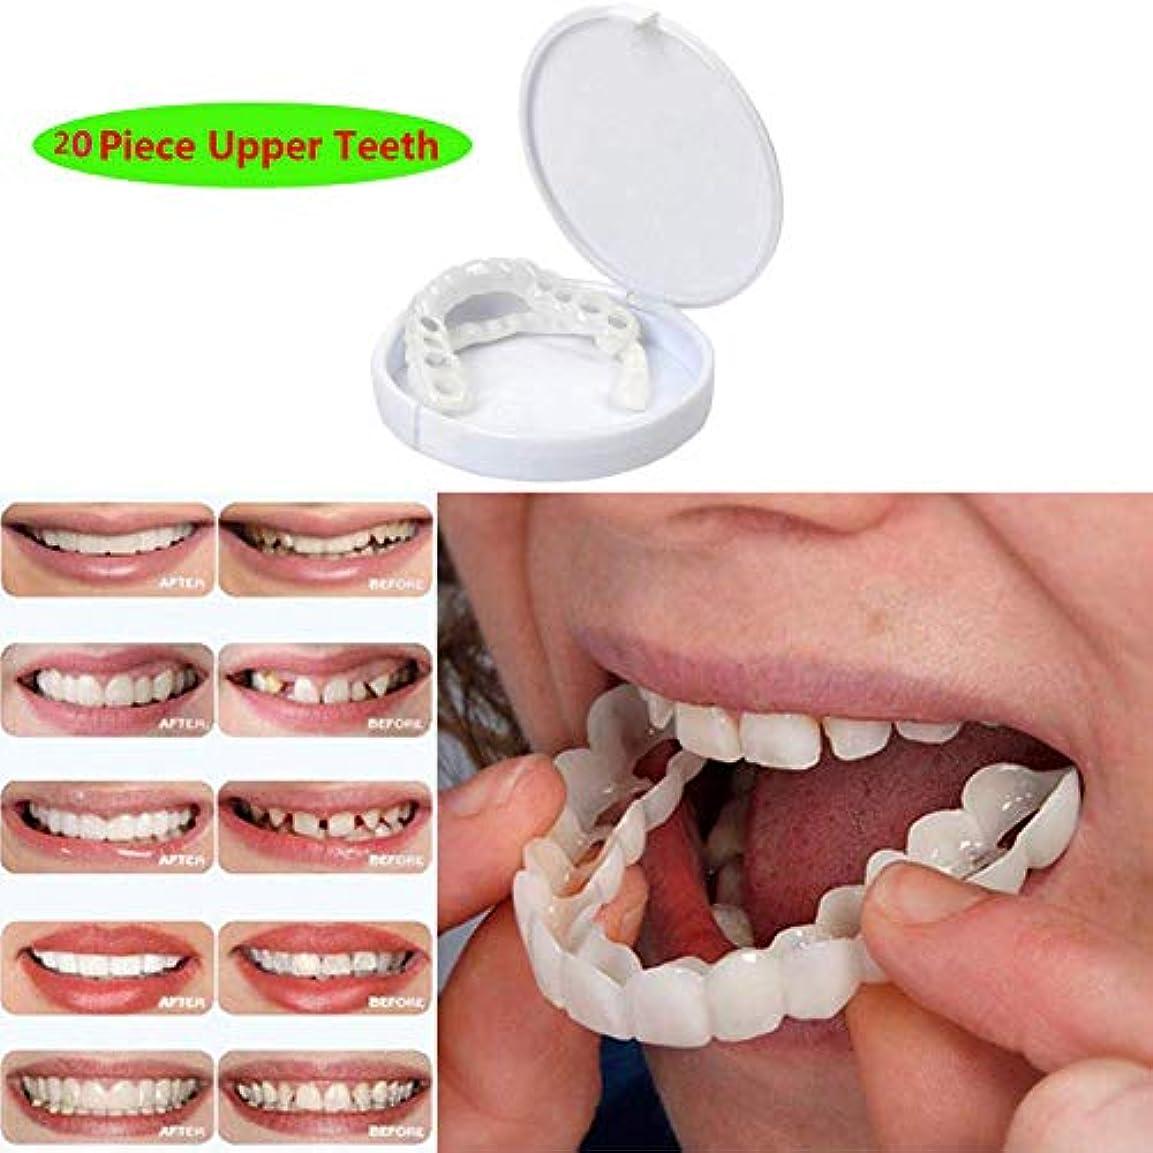 その後整然とした使い込む一時的な化粧品の歯義歯の歯快適な屈曲を完全に白くする化粧品の模倣された上部の支柱わずかな分のベニヤ、20PCS上部の歯